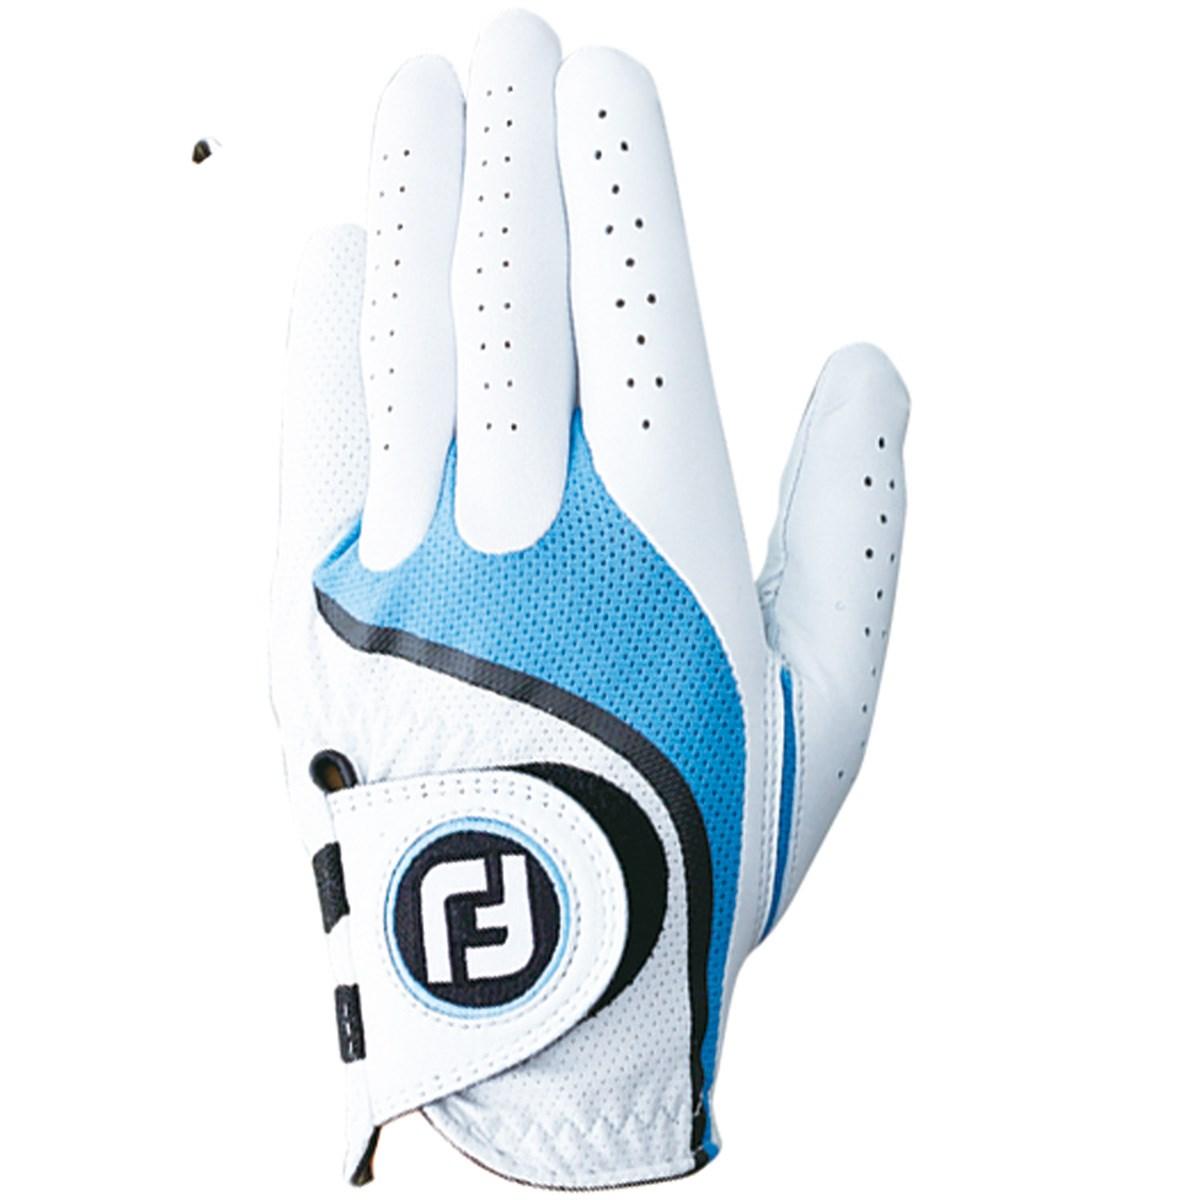 フットジョイ Foot Joy プロフレックス グローブ 21cm 左手着用(右利き用) ホワイト/ブルー